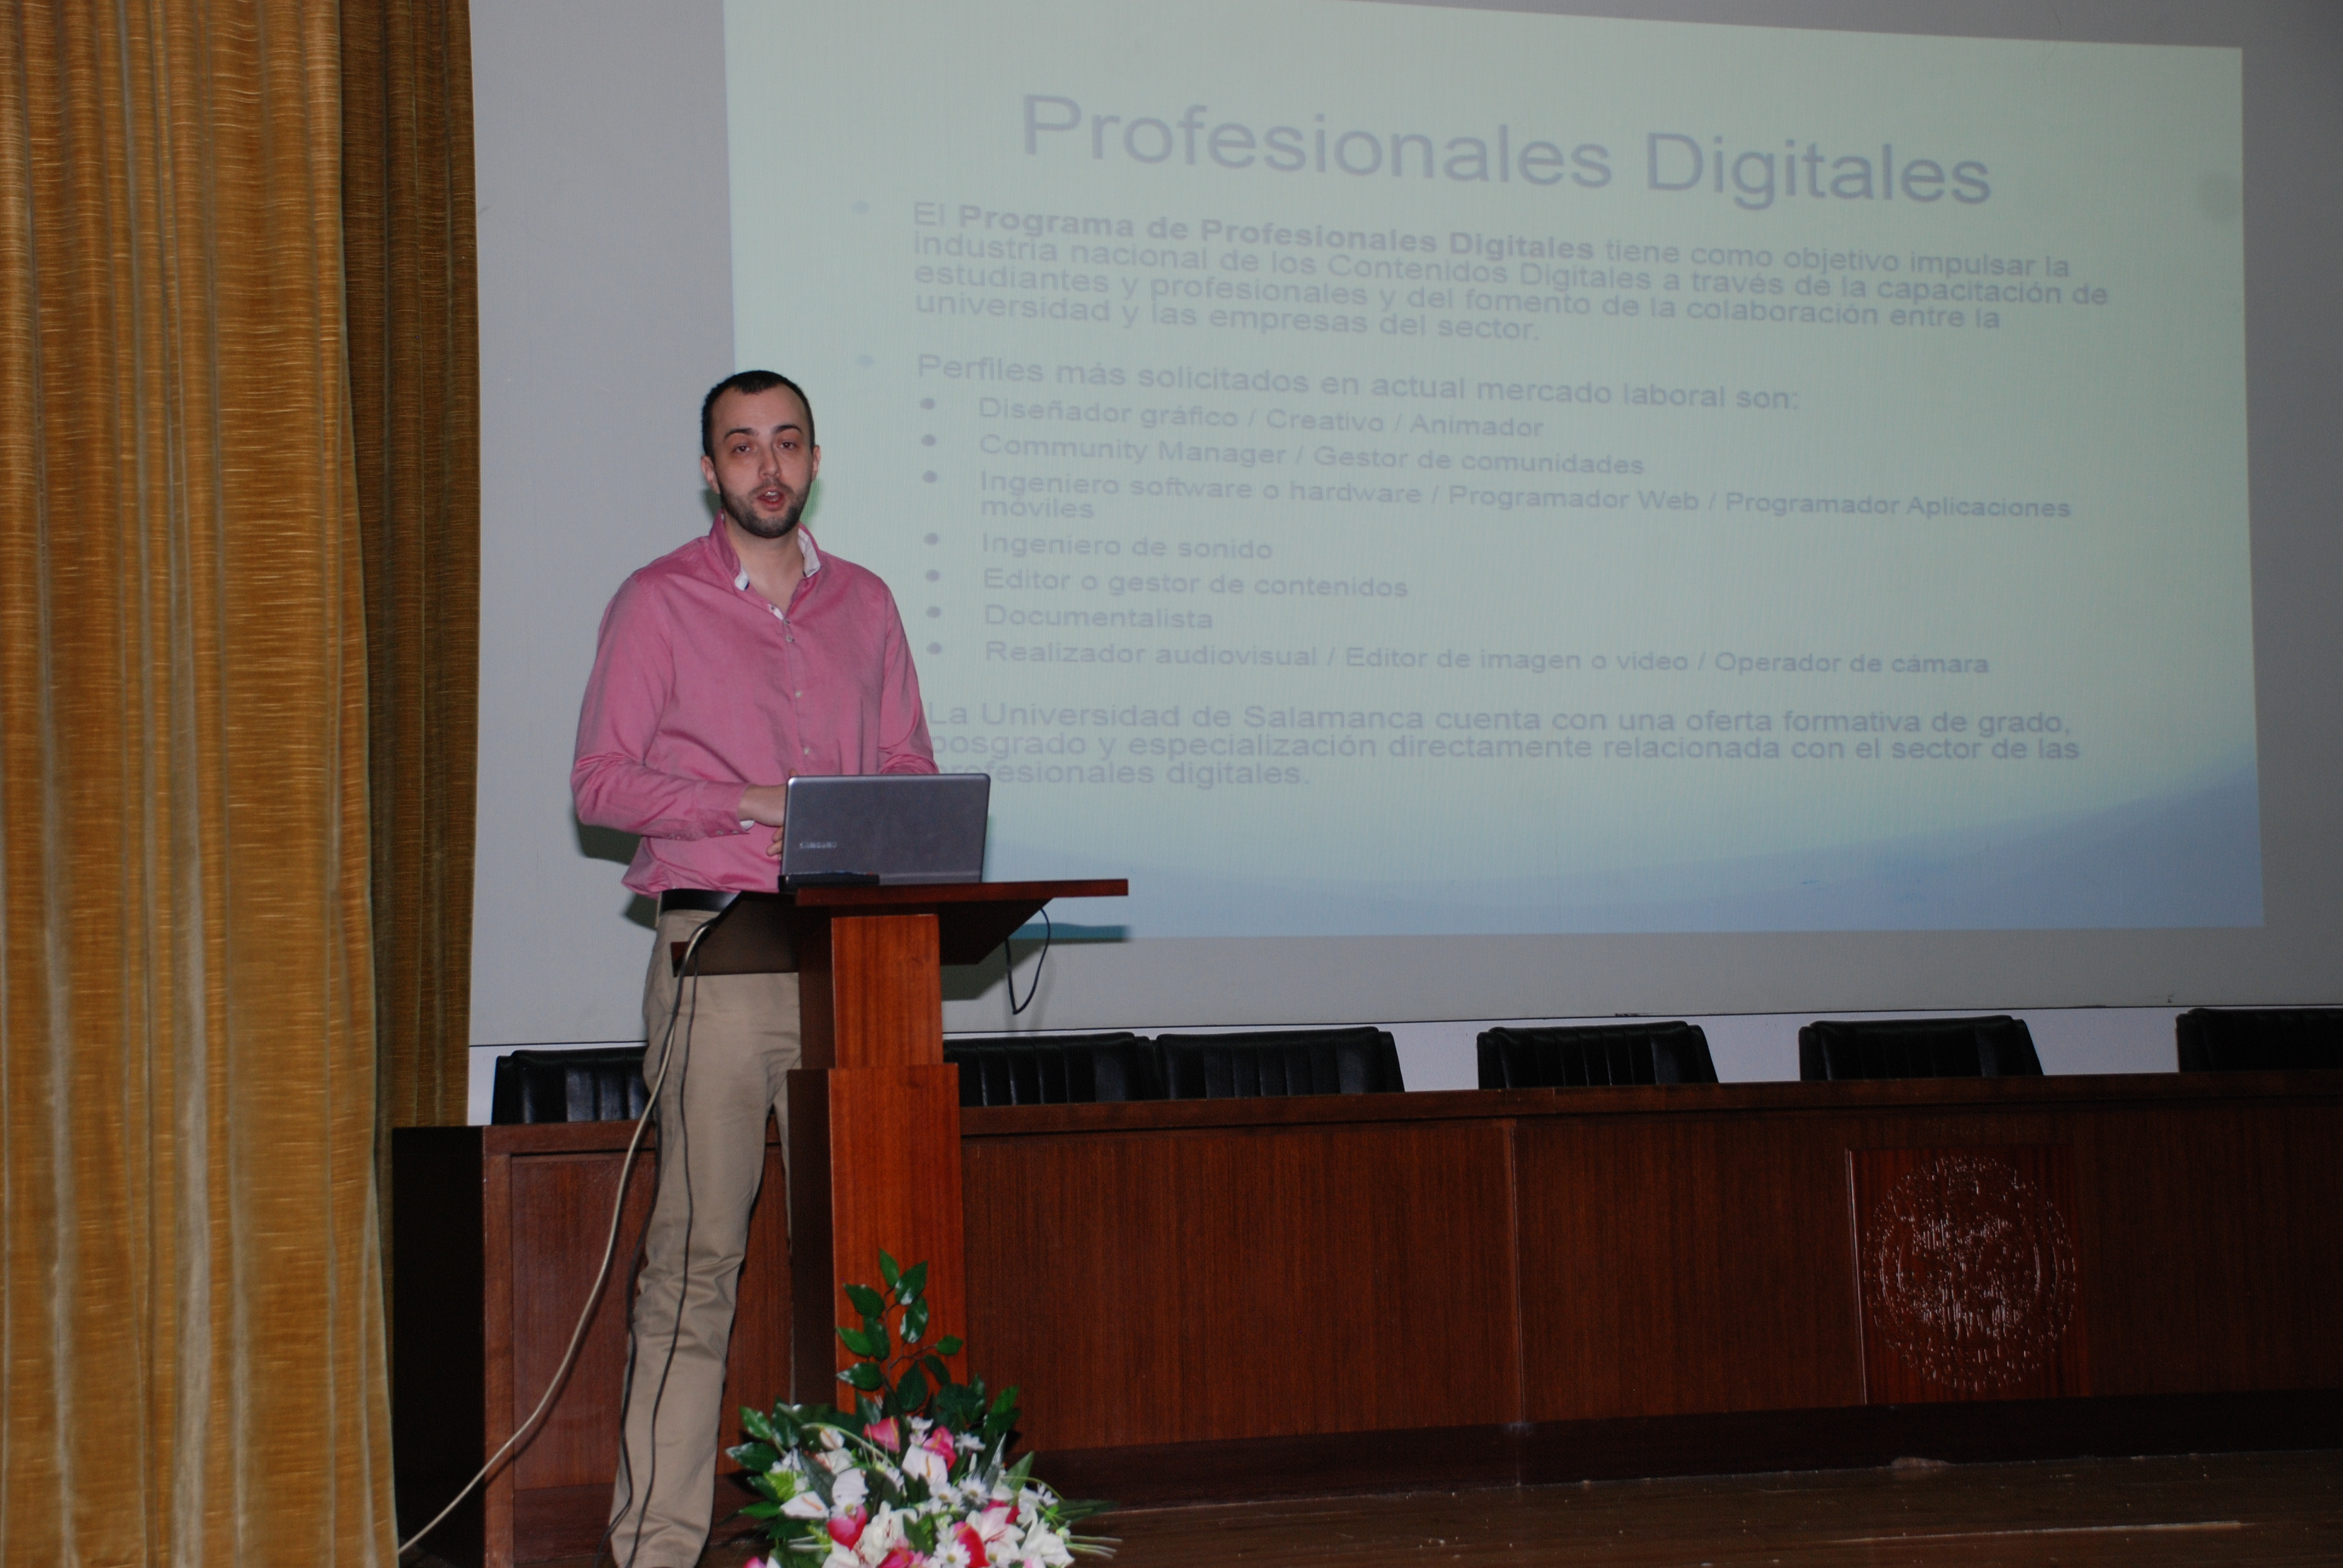 La Universidad de Salamanca acoge una jornada de puertas abiertas en el marco del programa 'Profesionales Digitales'